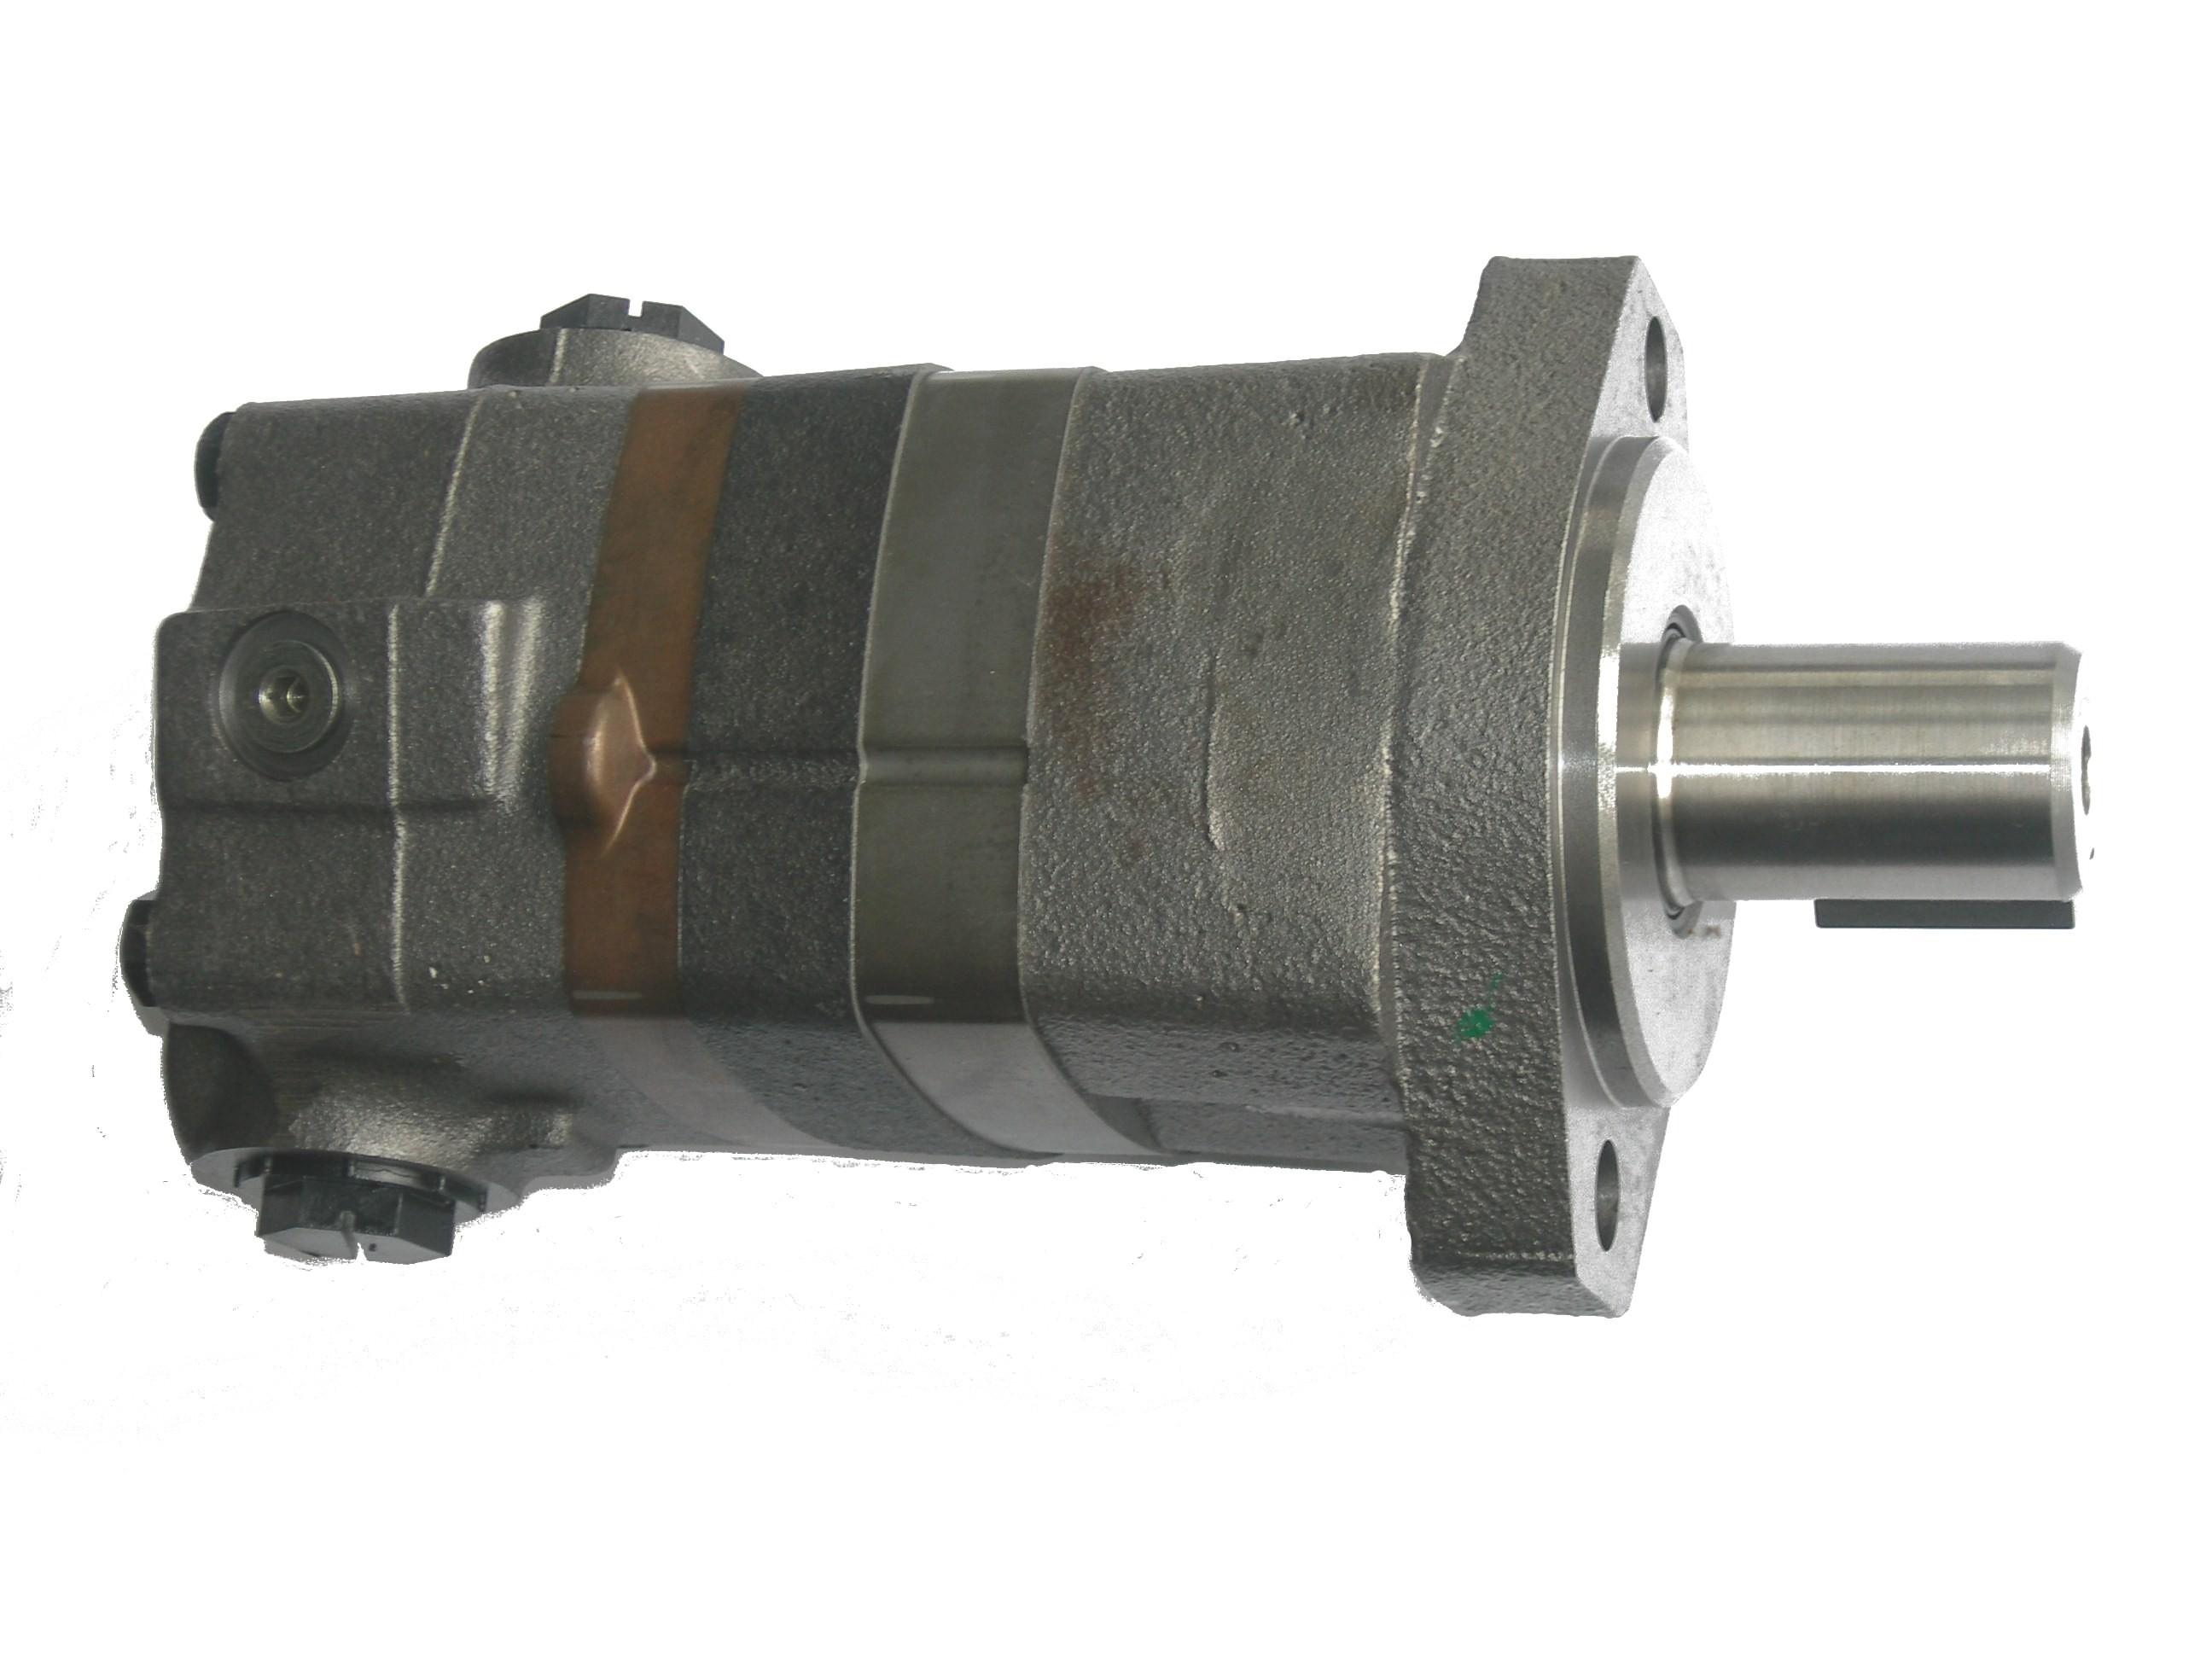 Pto Hydraulic Motor Weedbadger Hydarulics